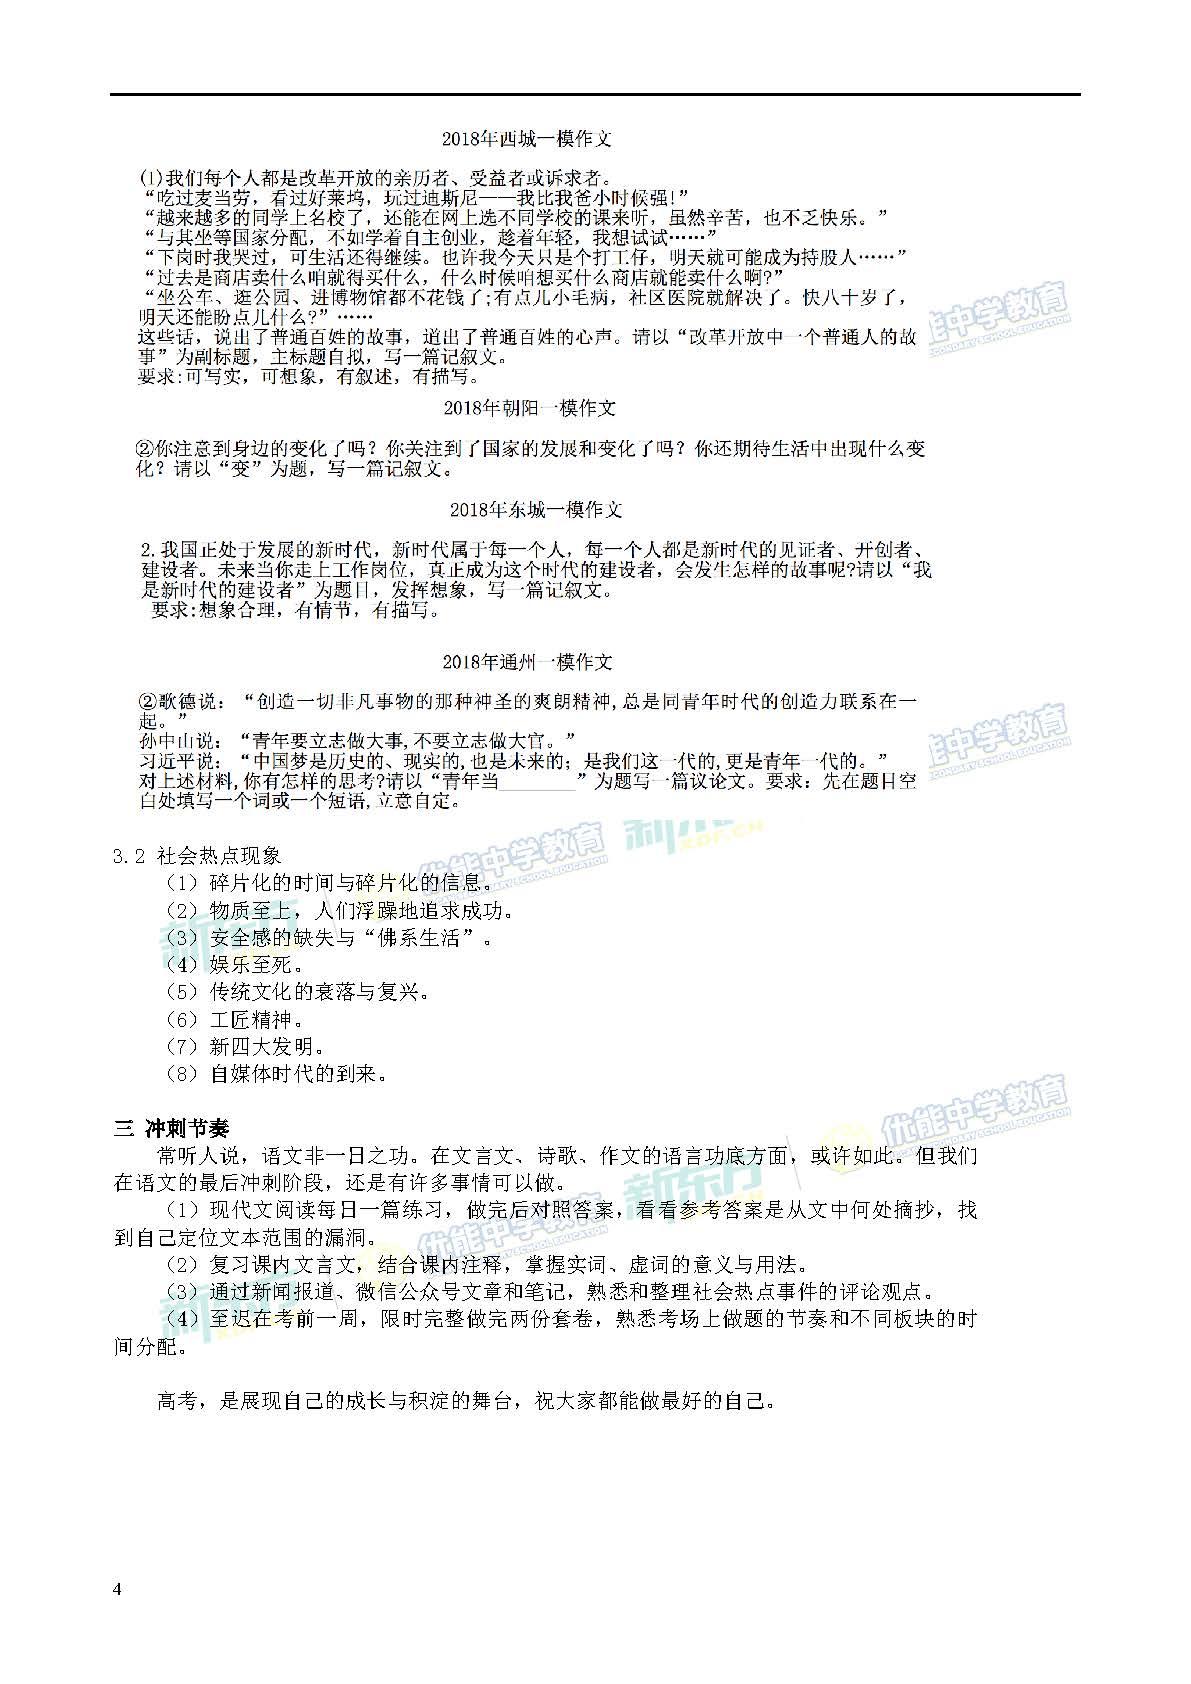 2018(北京卷)语文高考语文冲刺复习安排